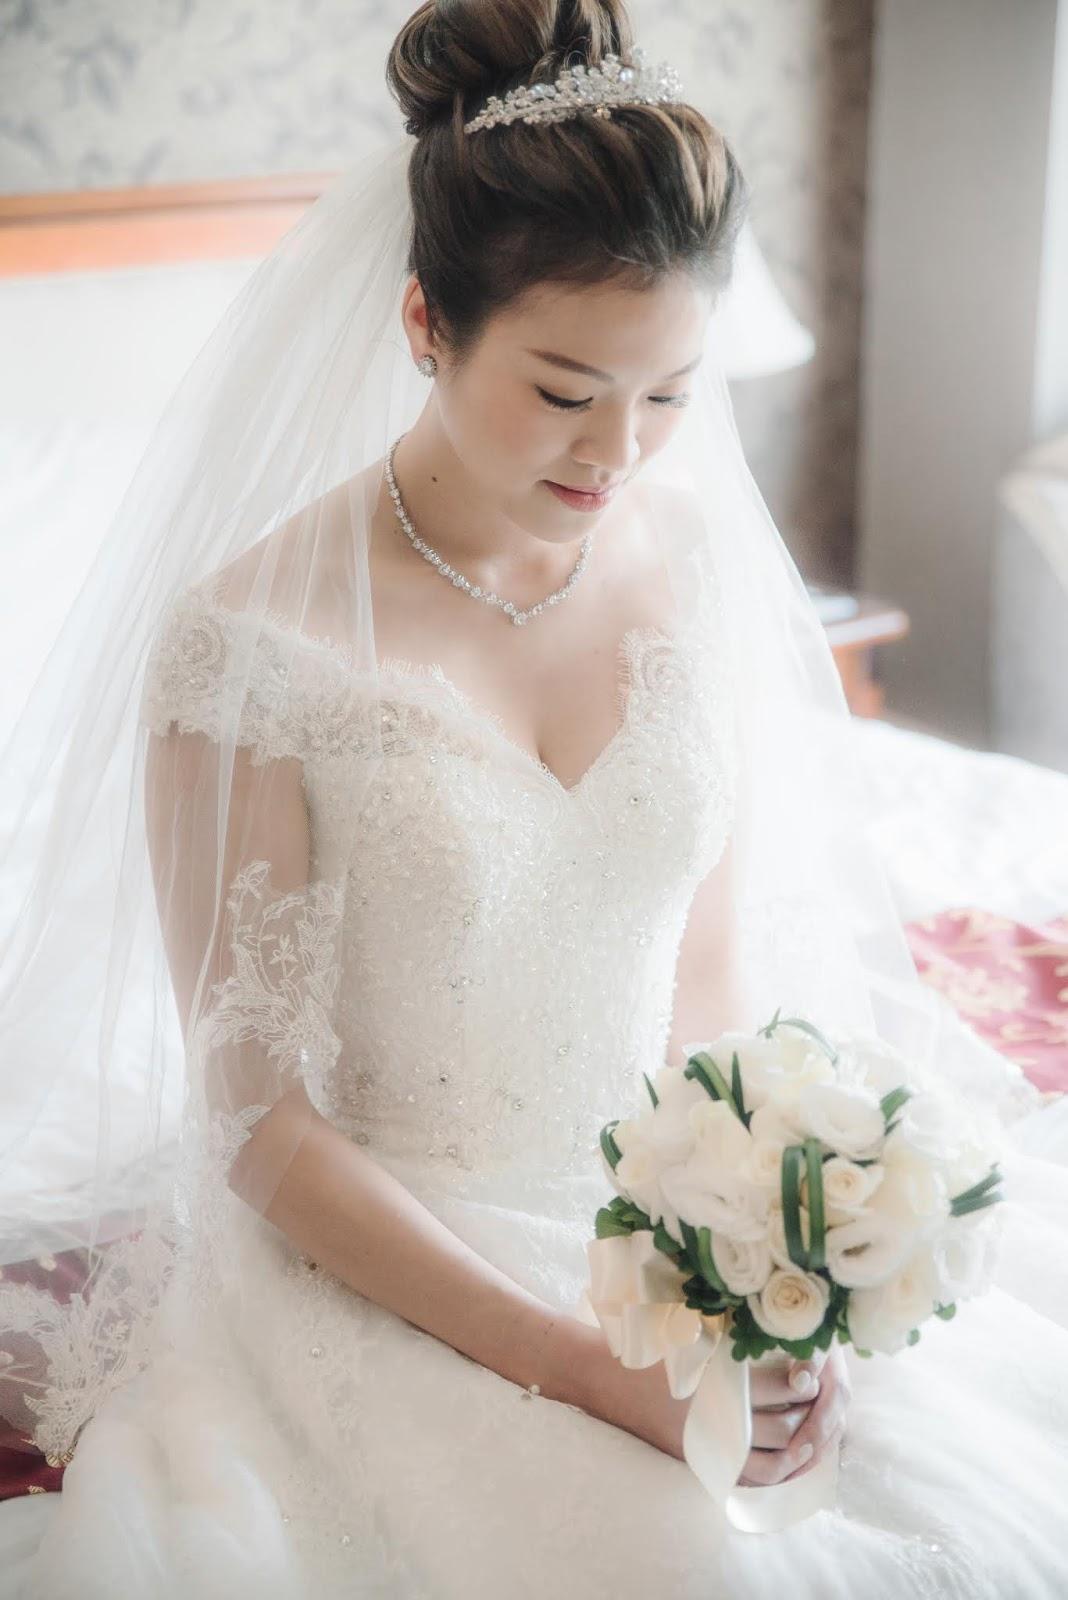 中部婚攝, 台中婚攝, 長榮桂冠, 派大楊, 紀實攝影, 美式婚禮, 婚拍, 婚宴, 推薦, getmarry, PTT, Wedding,